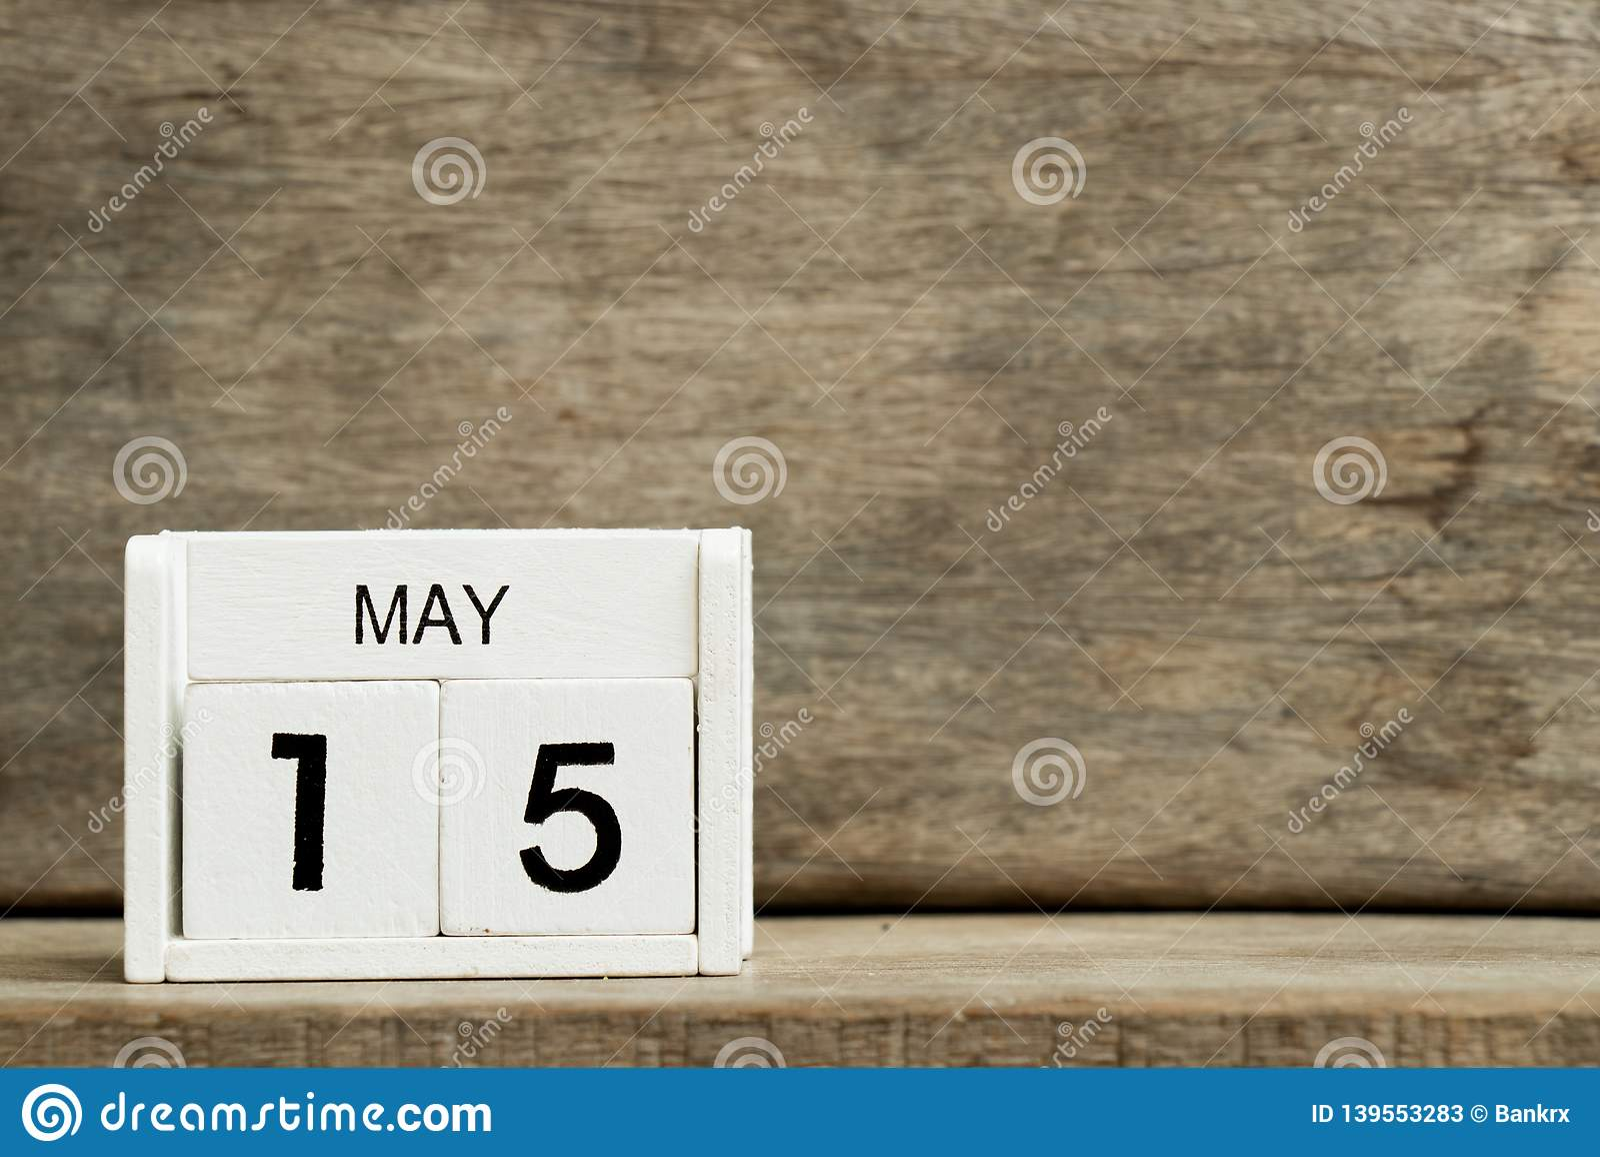 Άσπρη ημερολογιακή παρούσα ημερομηνία 15 φραγμών και μήνας Μάιος στο ξύλινο υπόβαθρο